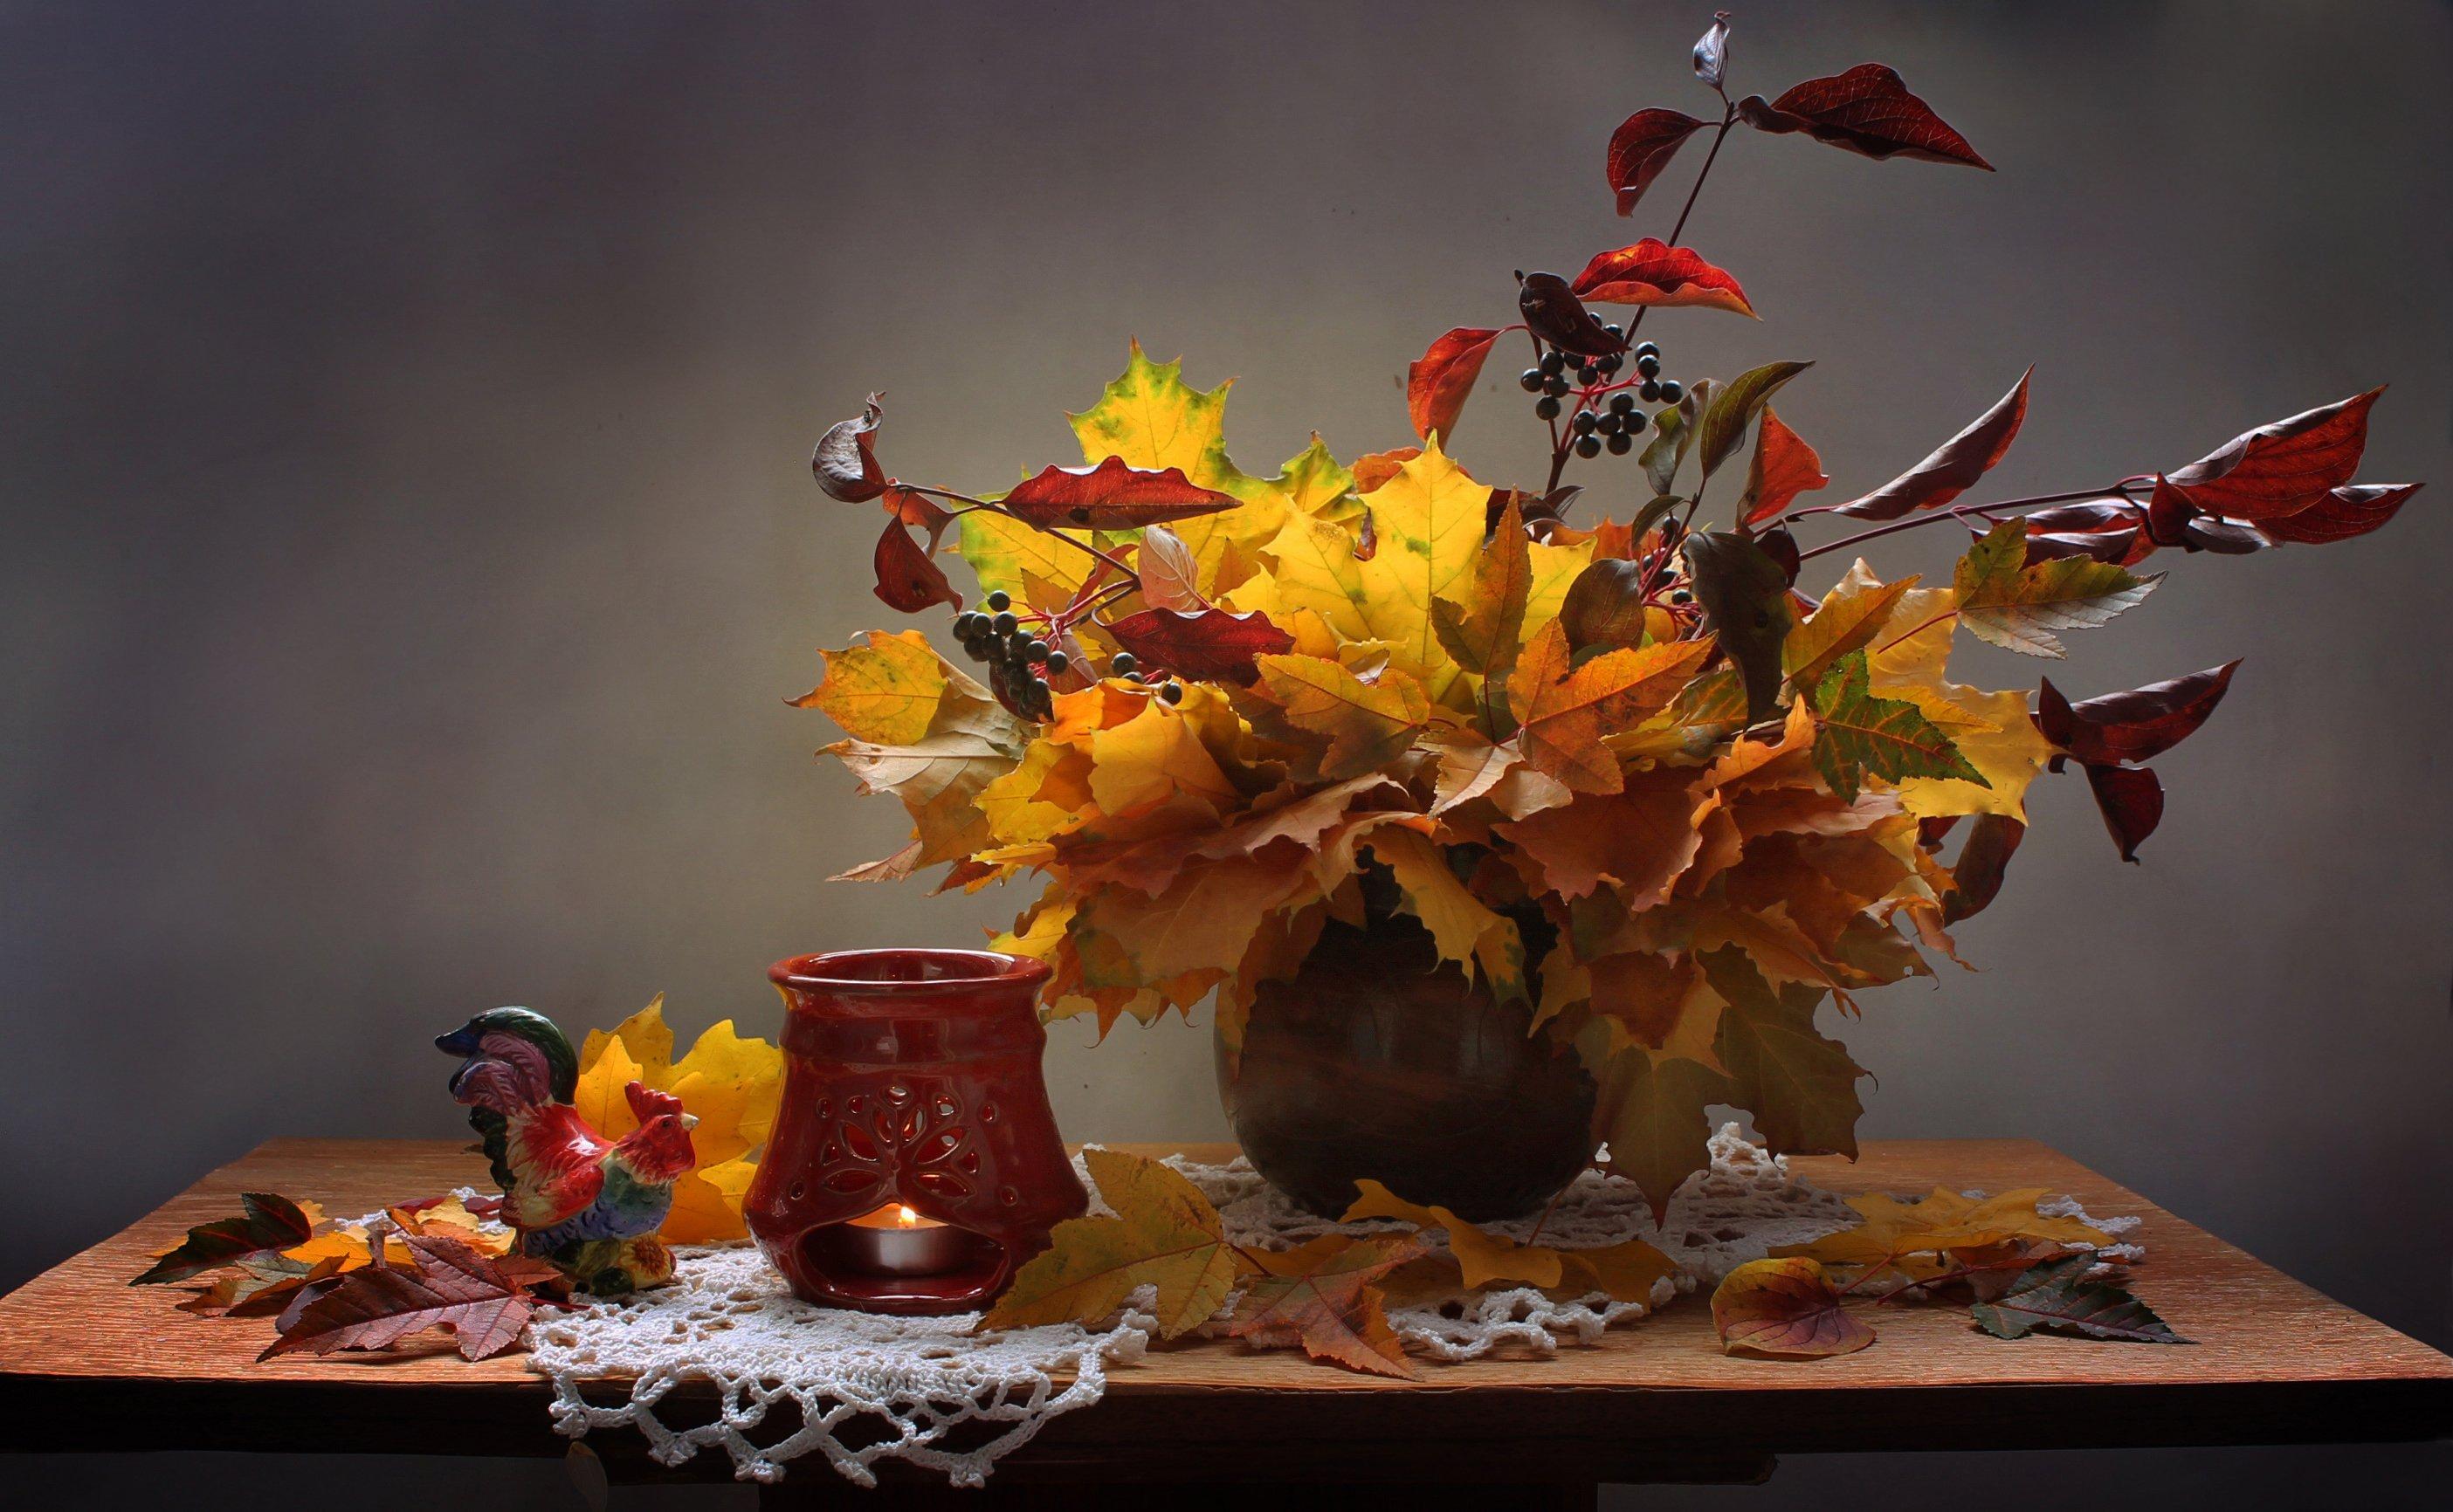 натюрморт, осень, листья, подсвечник, керамика, петушок, Ковалева Светлана